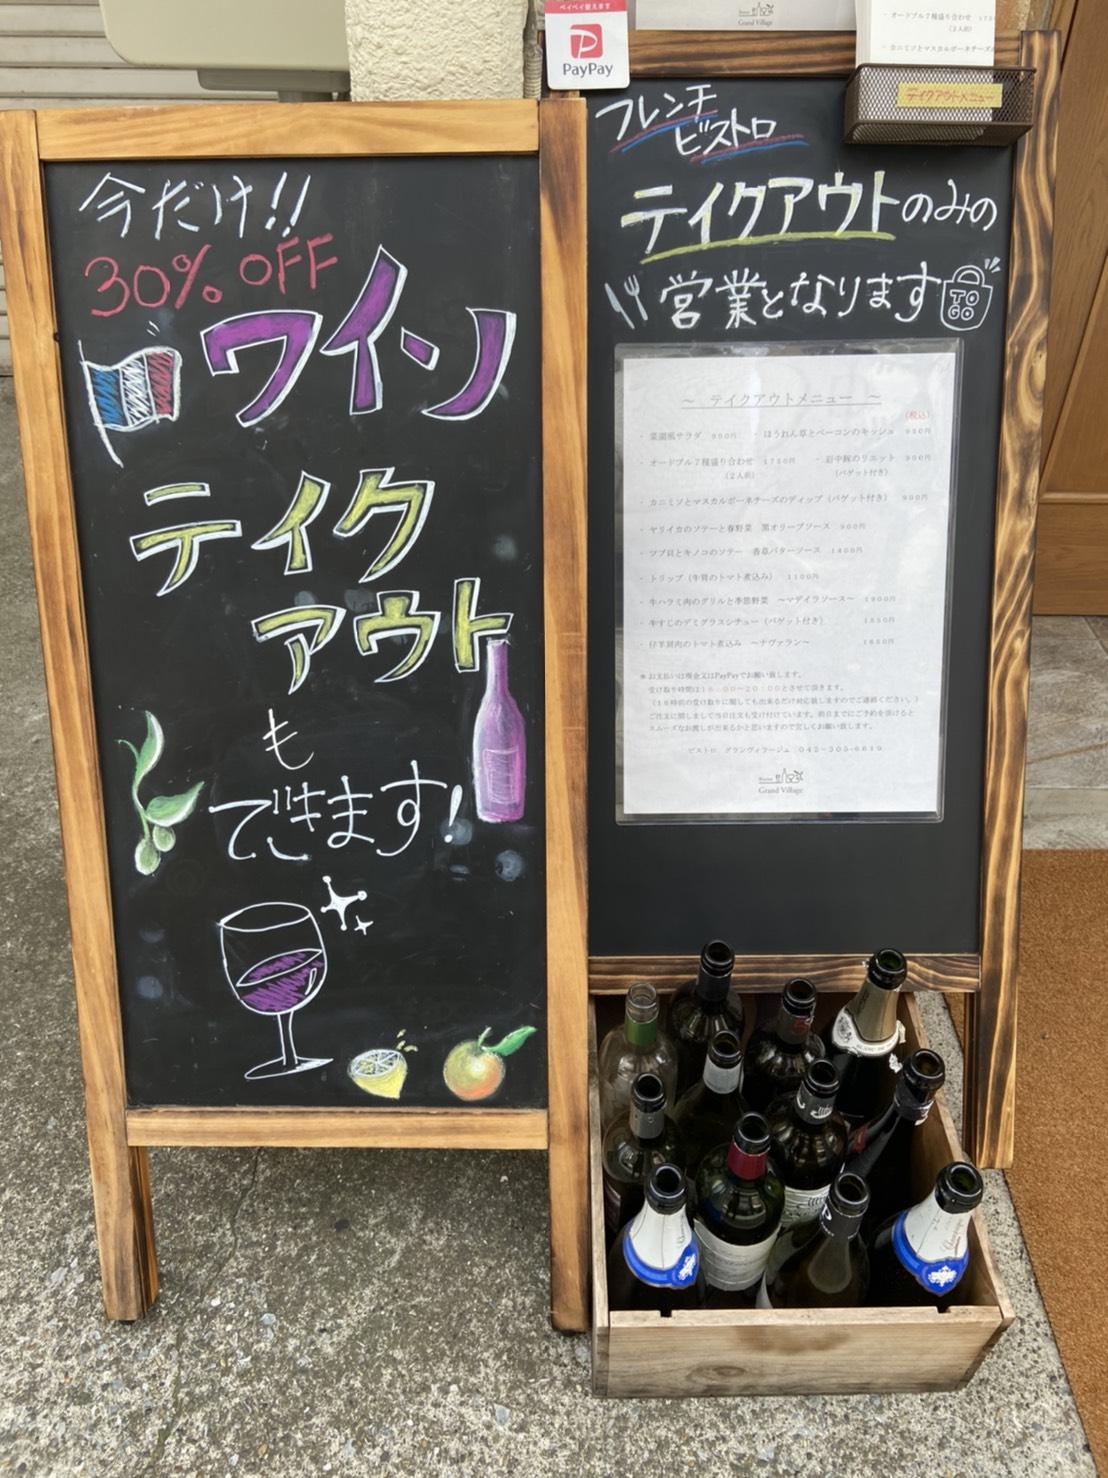 ボトルワインテイクアウト全品30%OFF